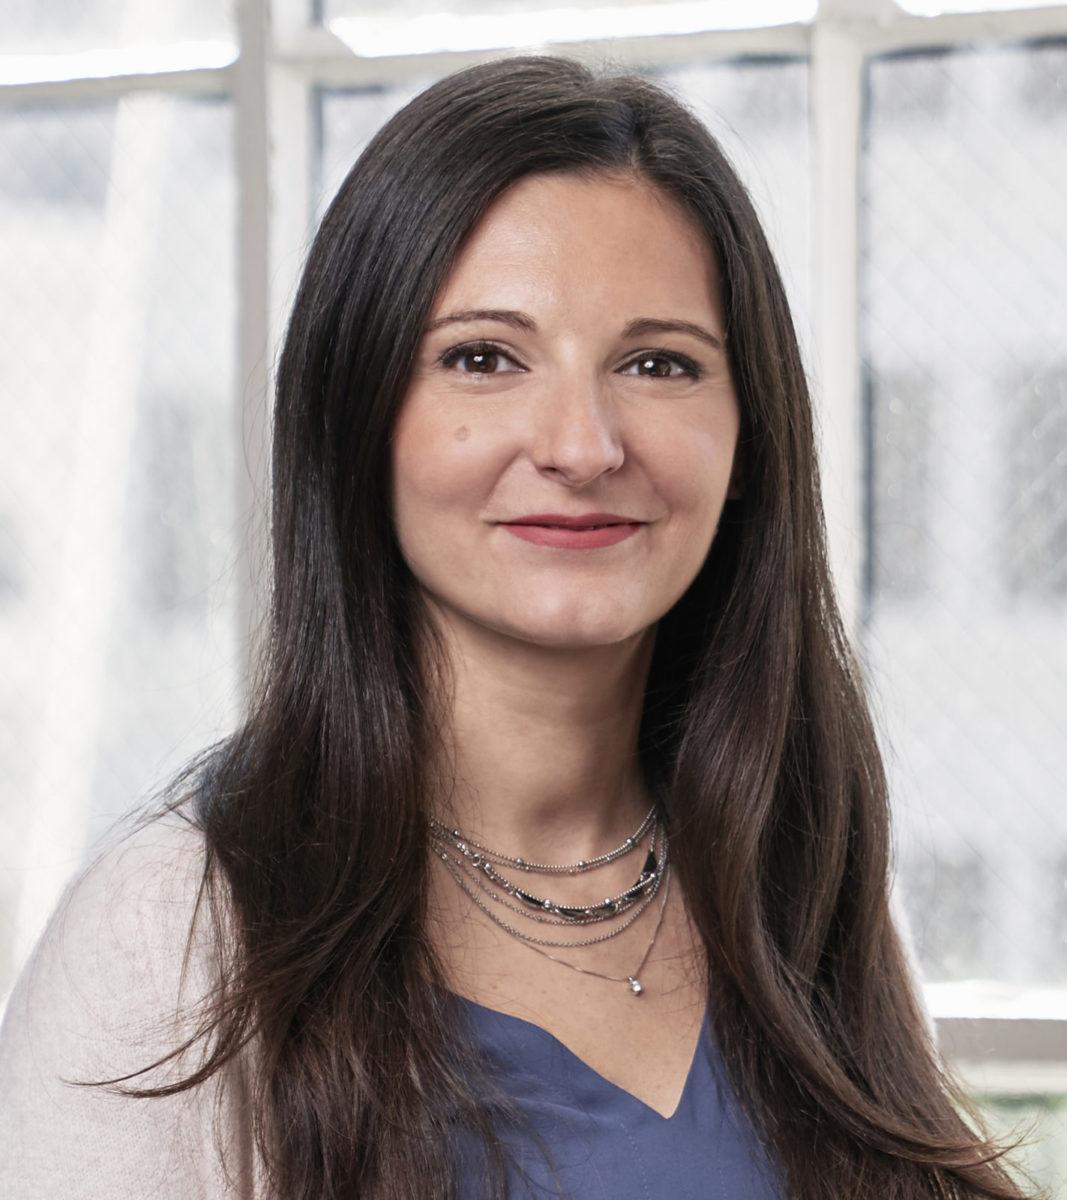 Carolina Zuri, E.I.T., QISP's headshot